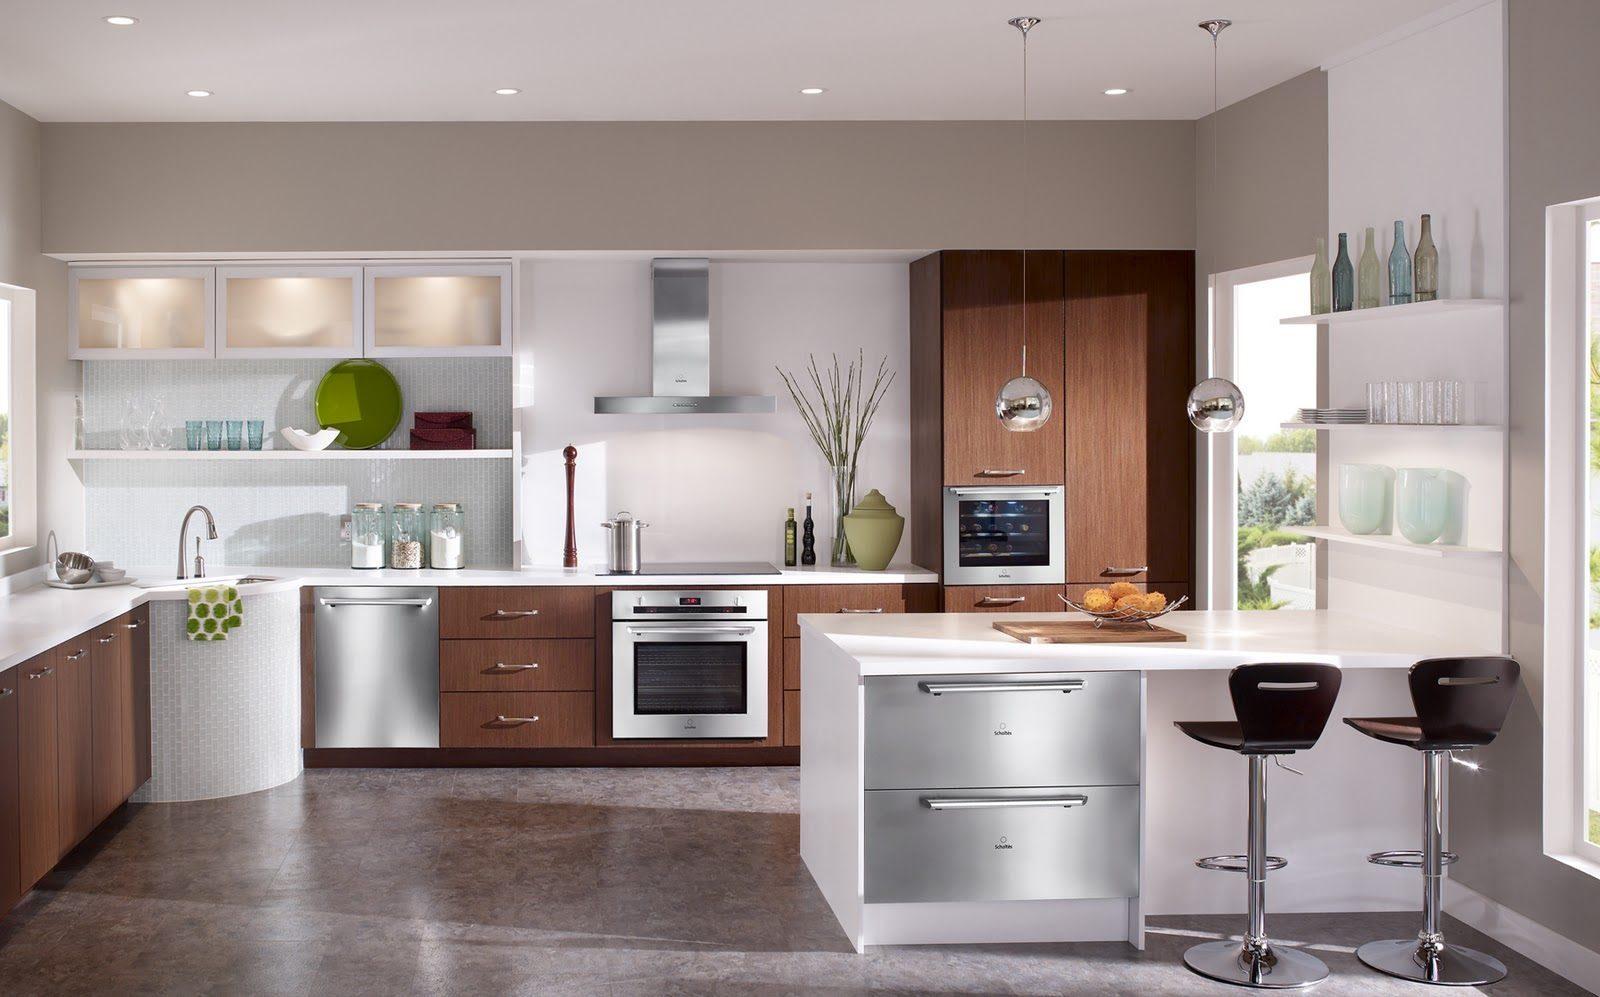 Escoger electrodom sticos de cocina for Elemento de cocina negro